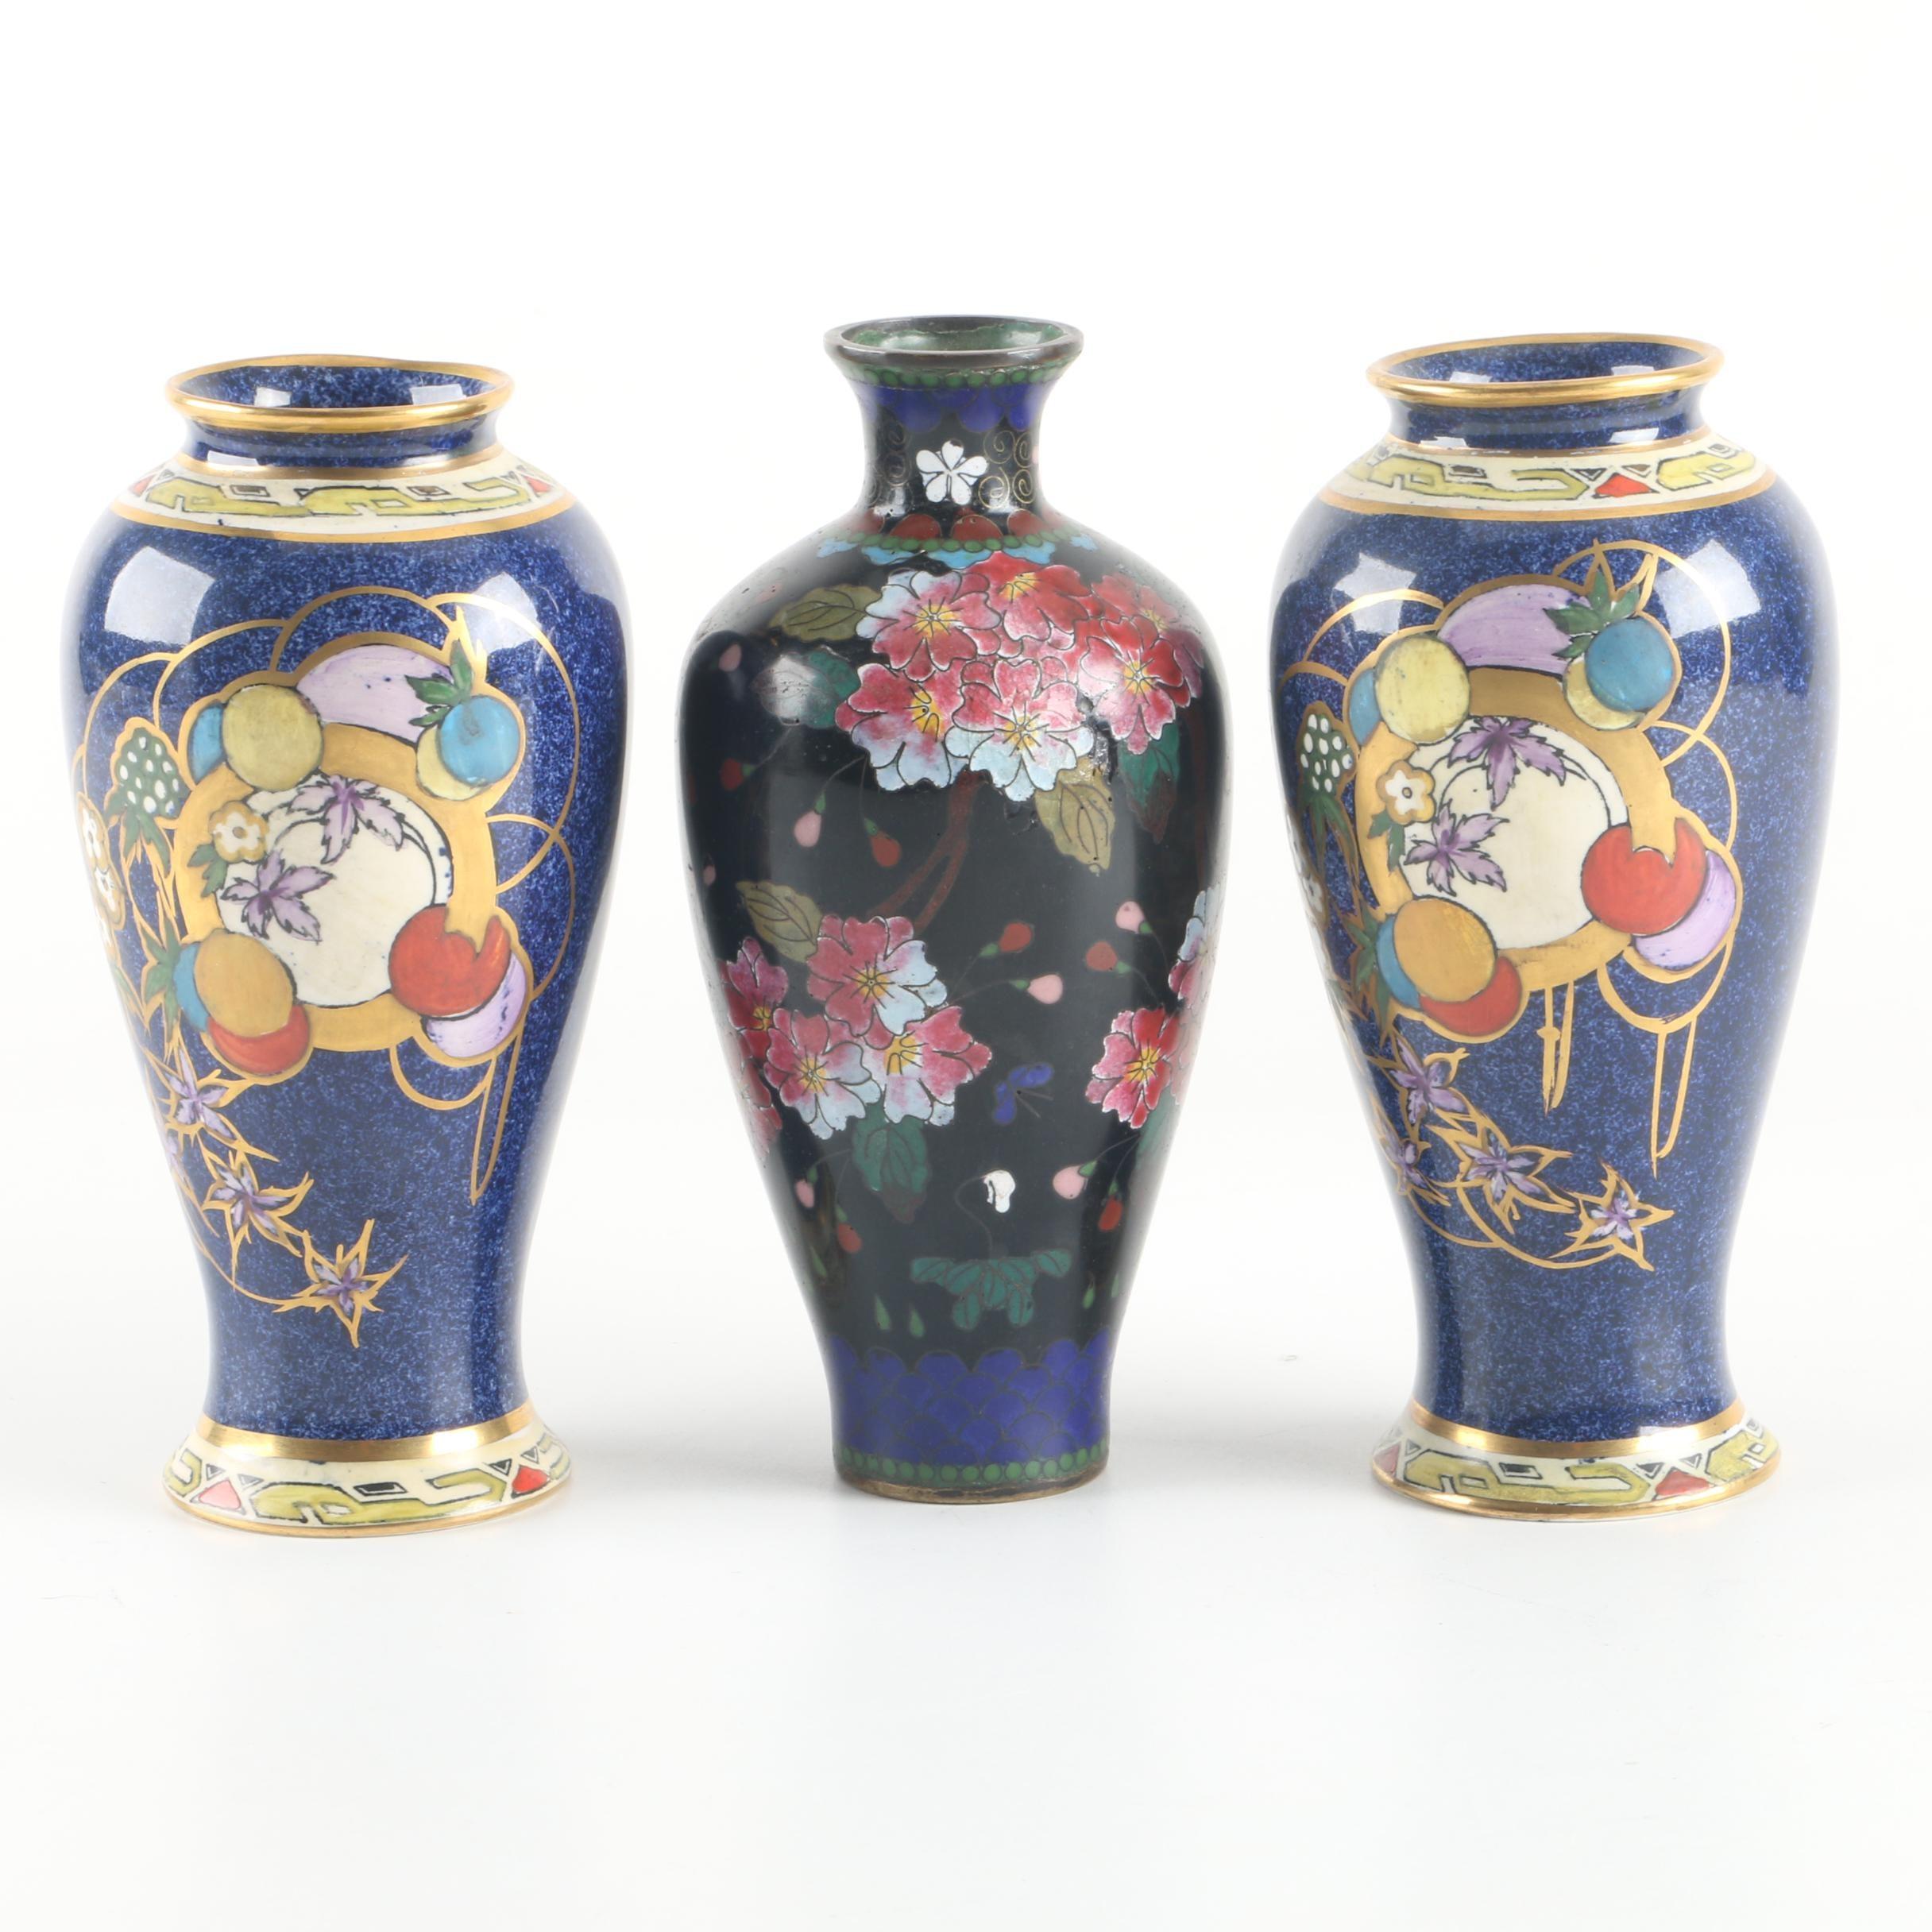 """Art Deco Royal Cauldon """"Mayfair"""" Hand-Painted Porcelain Vases and Cloisonné Vase"""